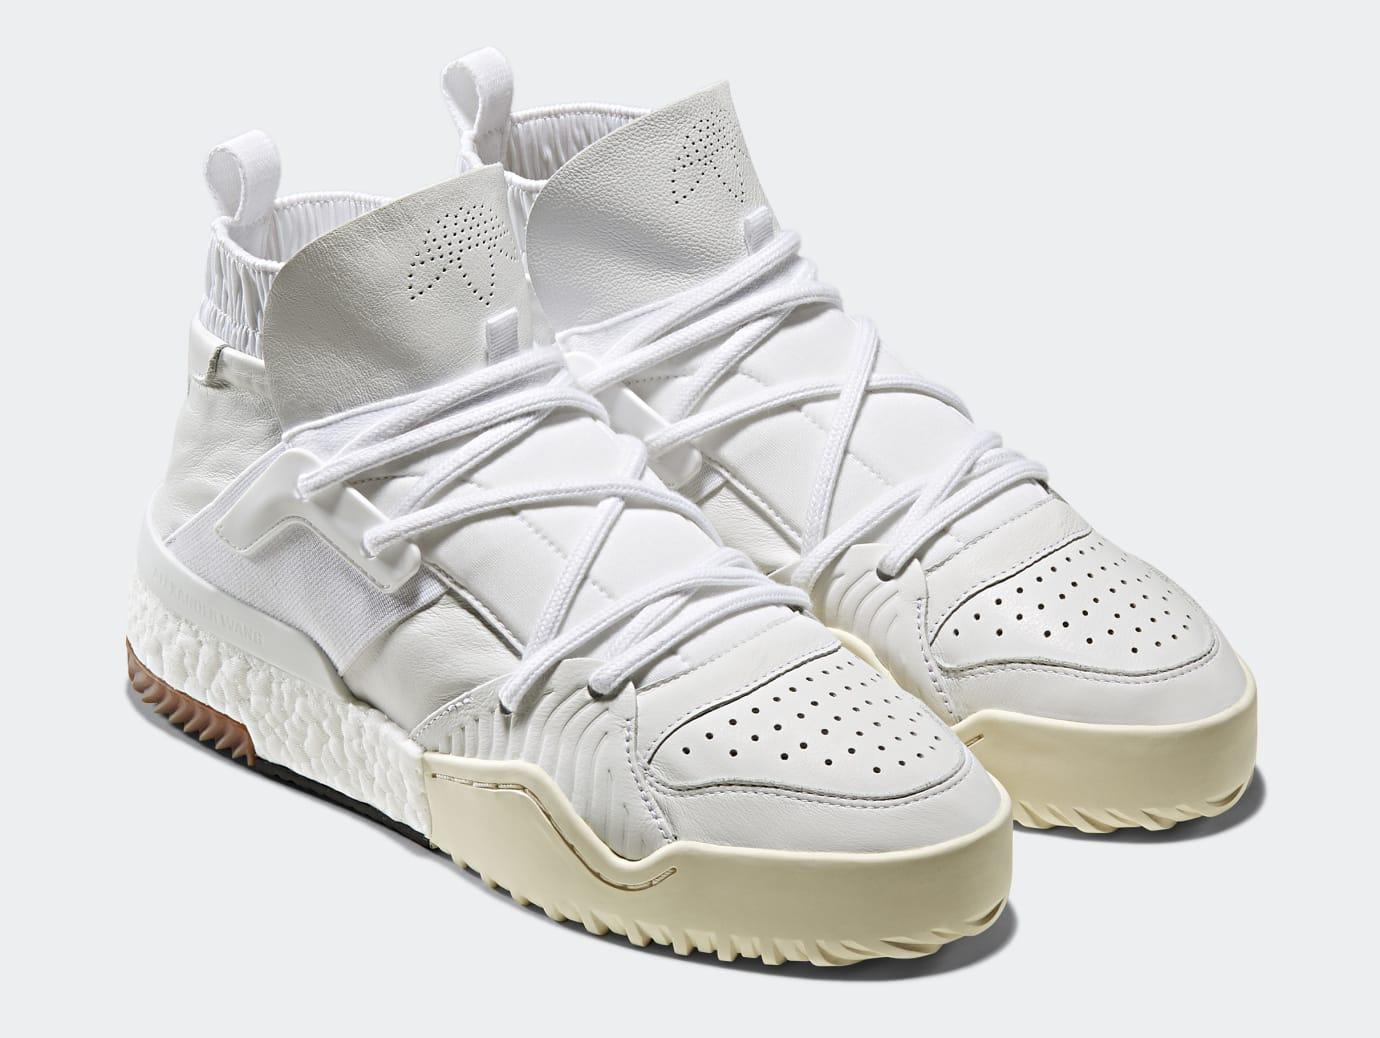 timeless design d7834 4cf5e Alexander Wang x Adidas AW Bball (Pair)